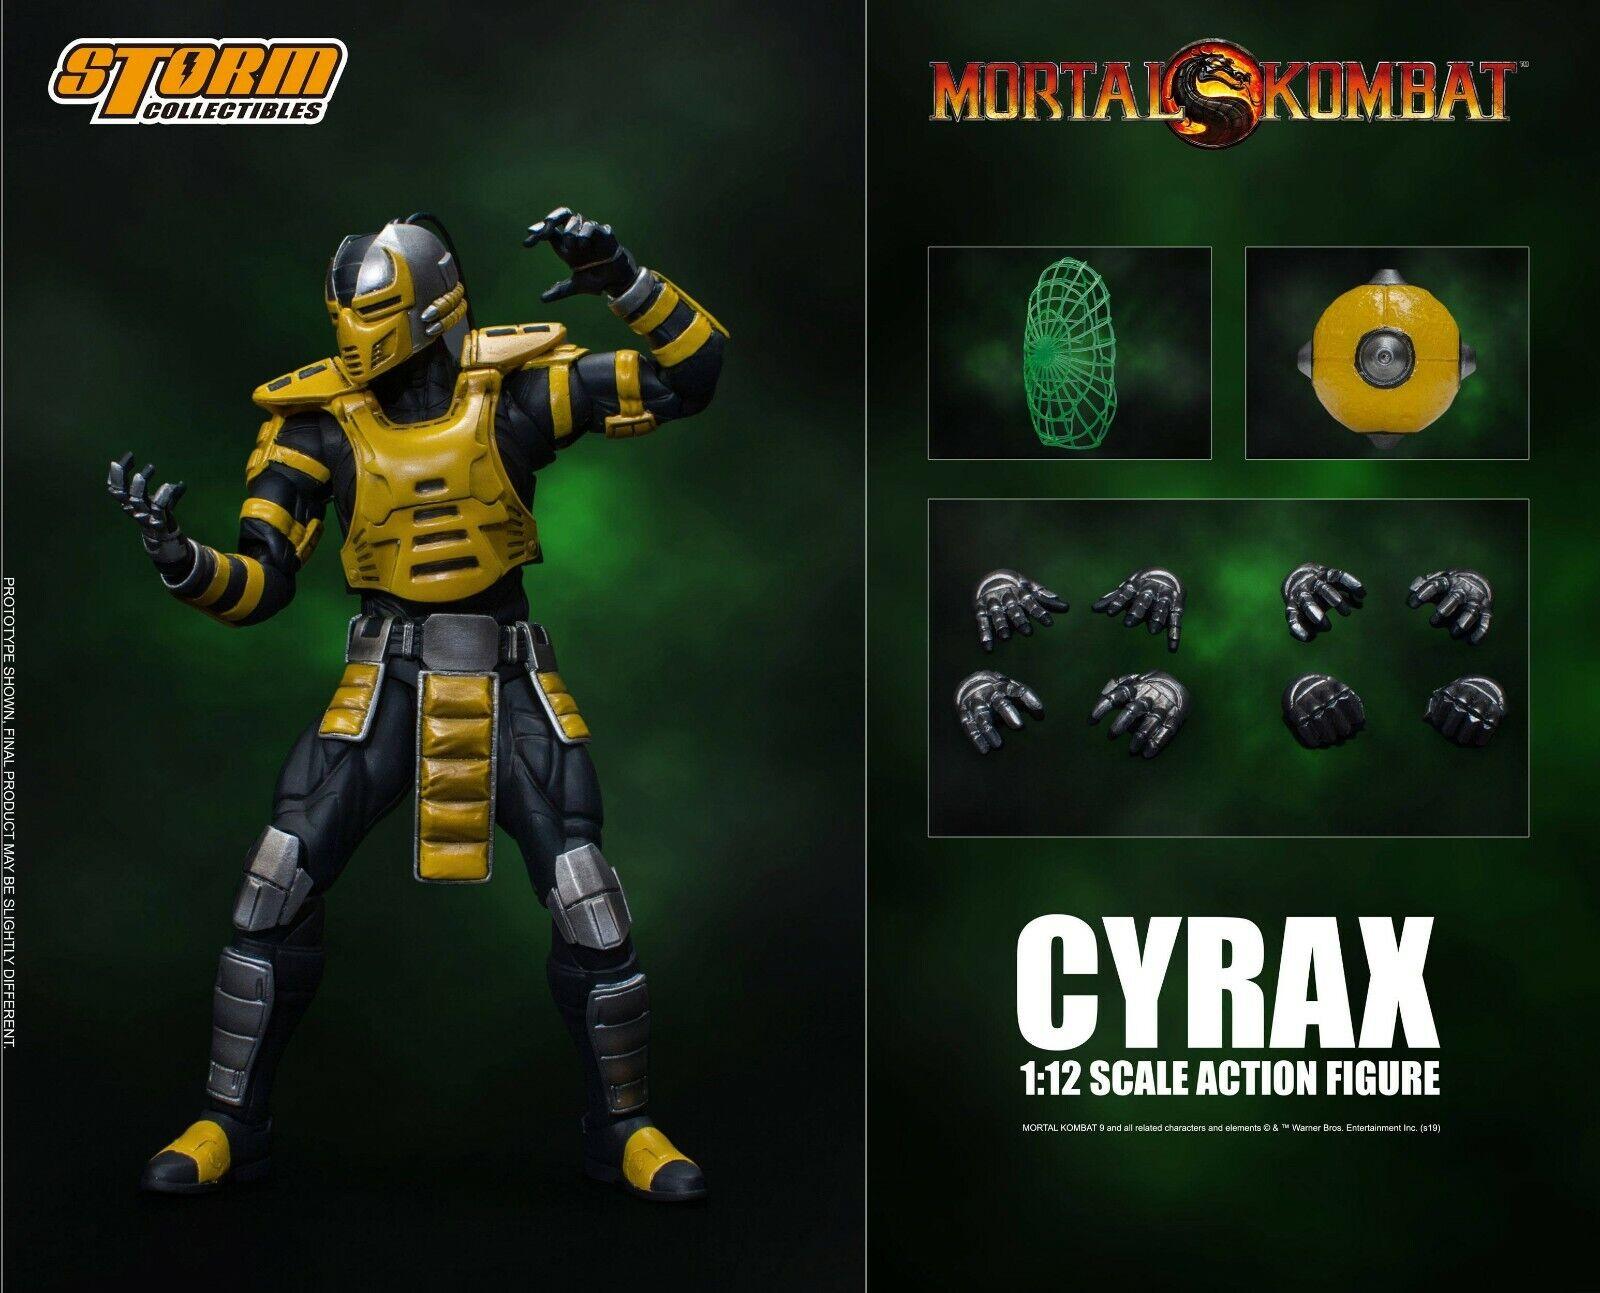 Storm Coleccionables Cyrax-Figura De Acción Mortal Kombat Nuevo Y En Caja Sellada